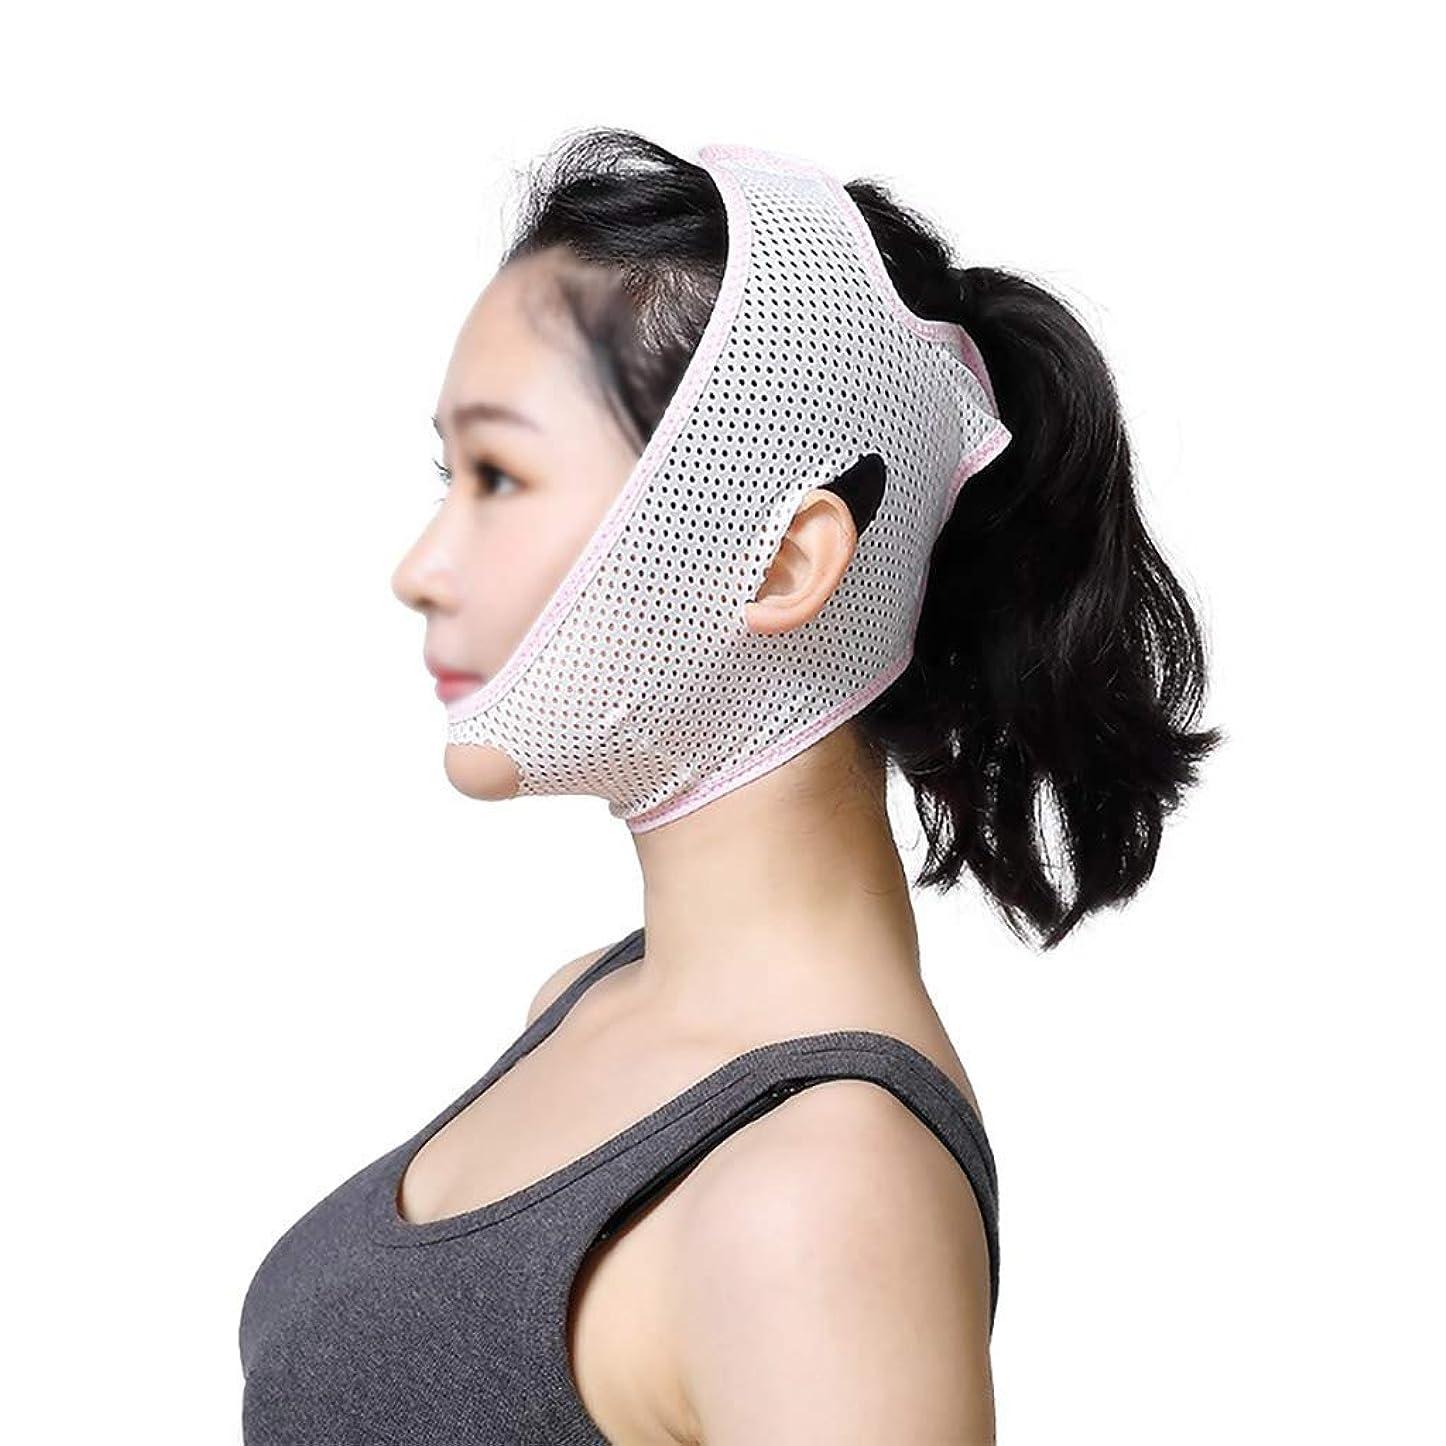 移植結論支出あごのストラップ、二重あごの男性と女性のフェイスリフトフェイシャルへの美しさのマスクでポストフェイス補正を彫る通気性フェイスリフトアーティファクト睡眠包帯ライン(サイズ:M)